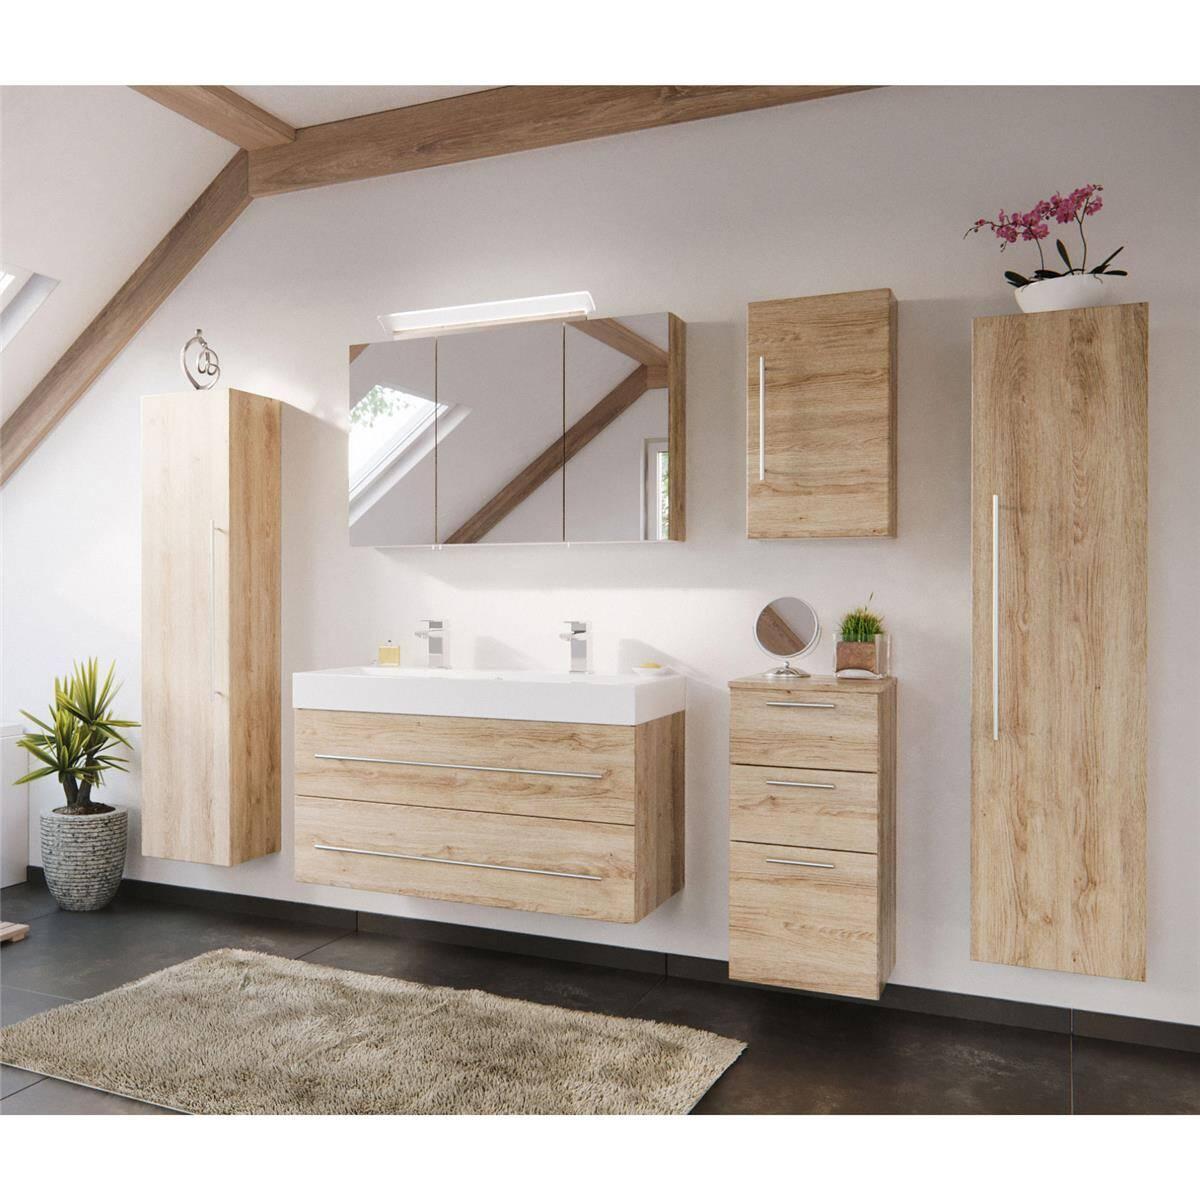 Badezimmer Set mit 100cm Doppel-Waschtisch LISSABON-02 - in Eiche hell - Gesamtmaß B/H/T: 250/200/48cm